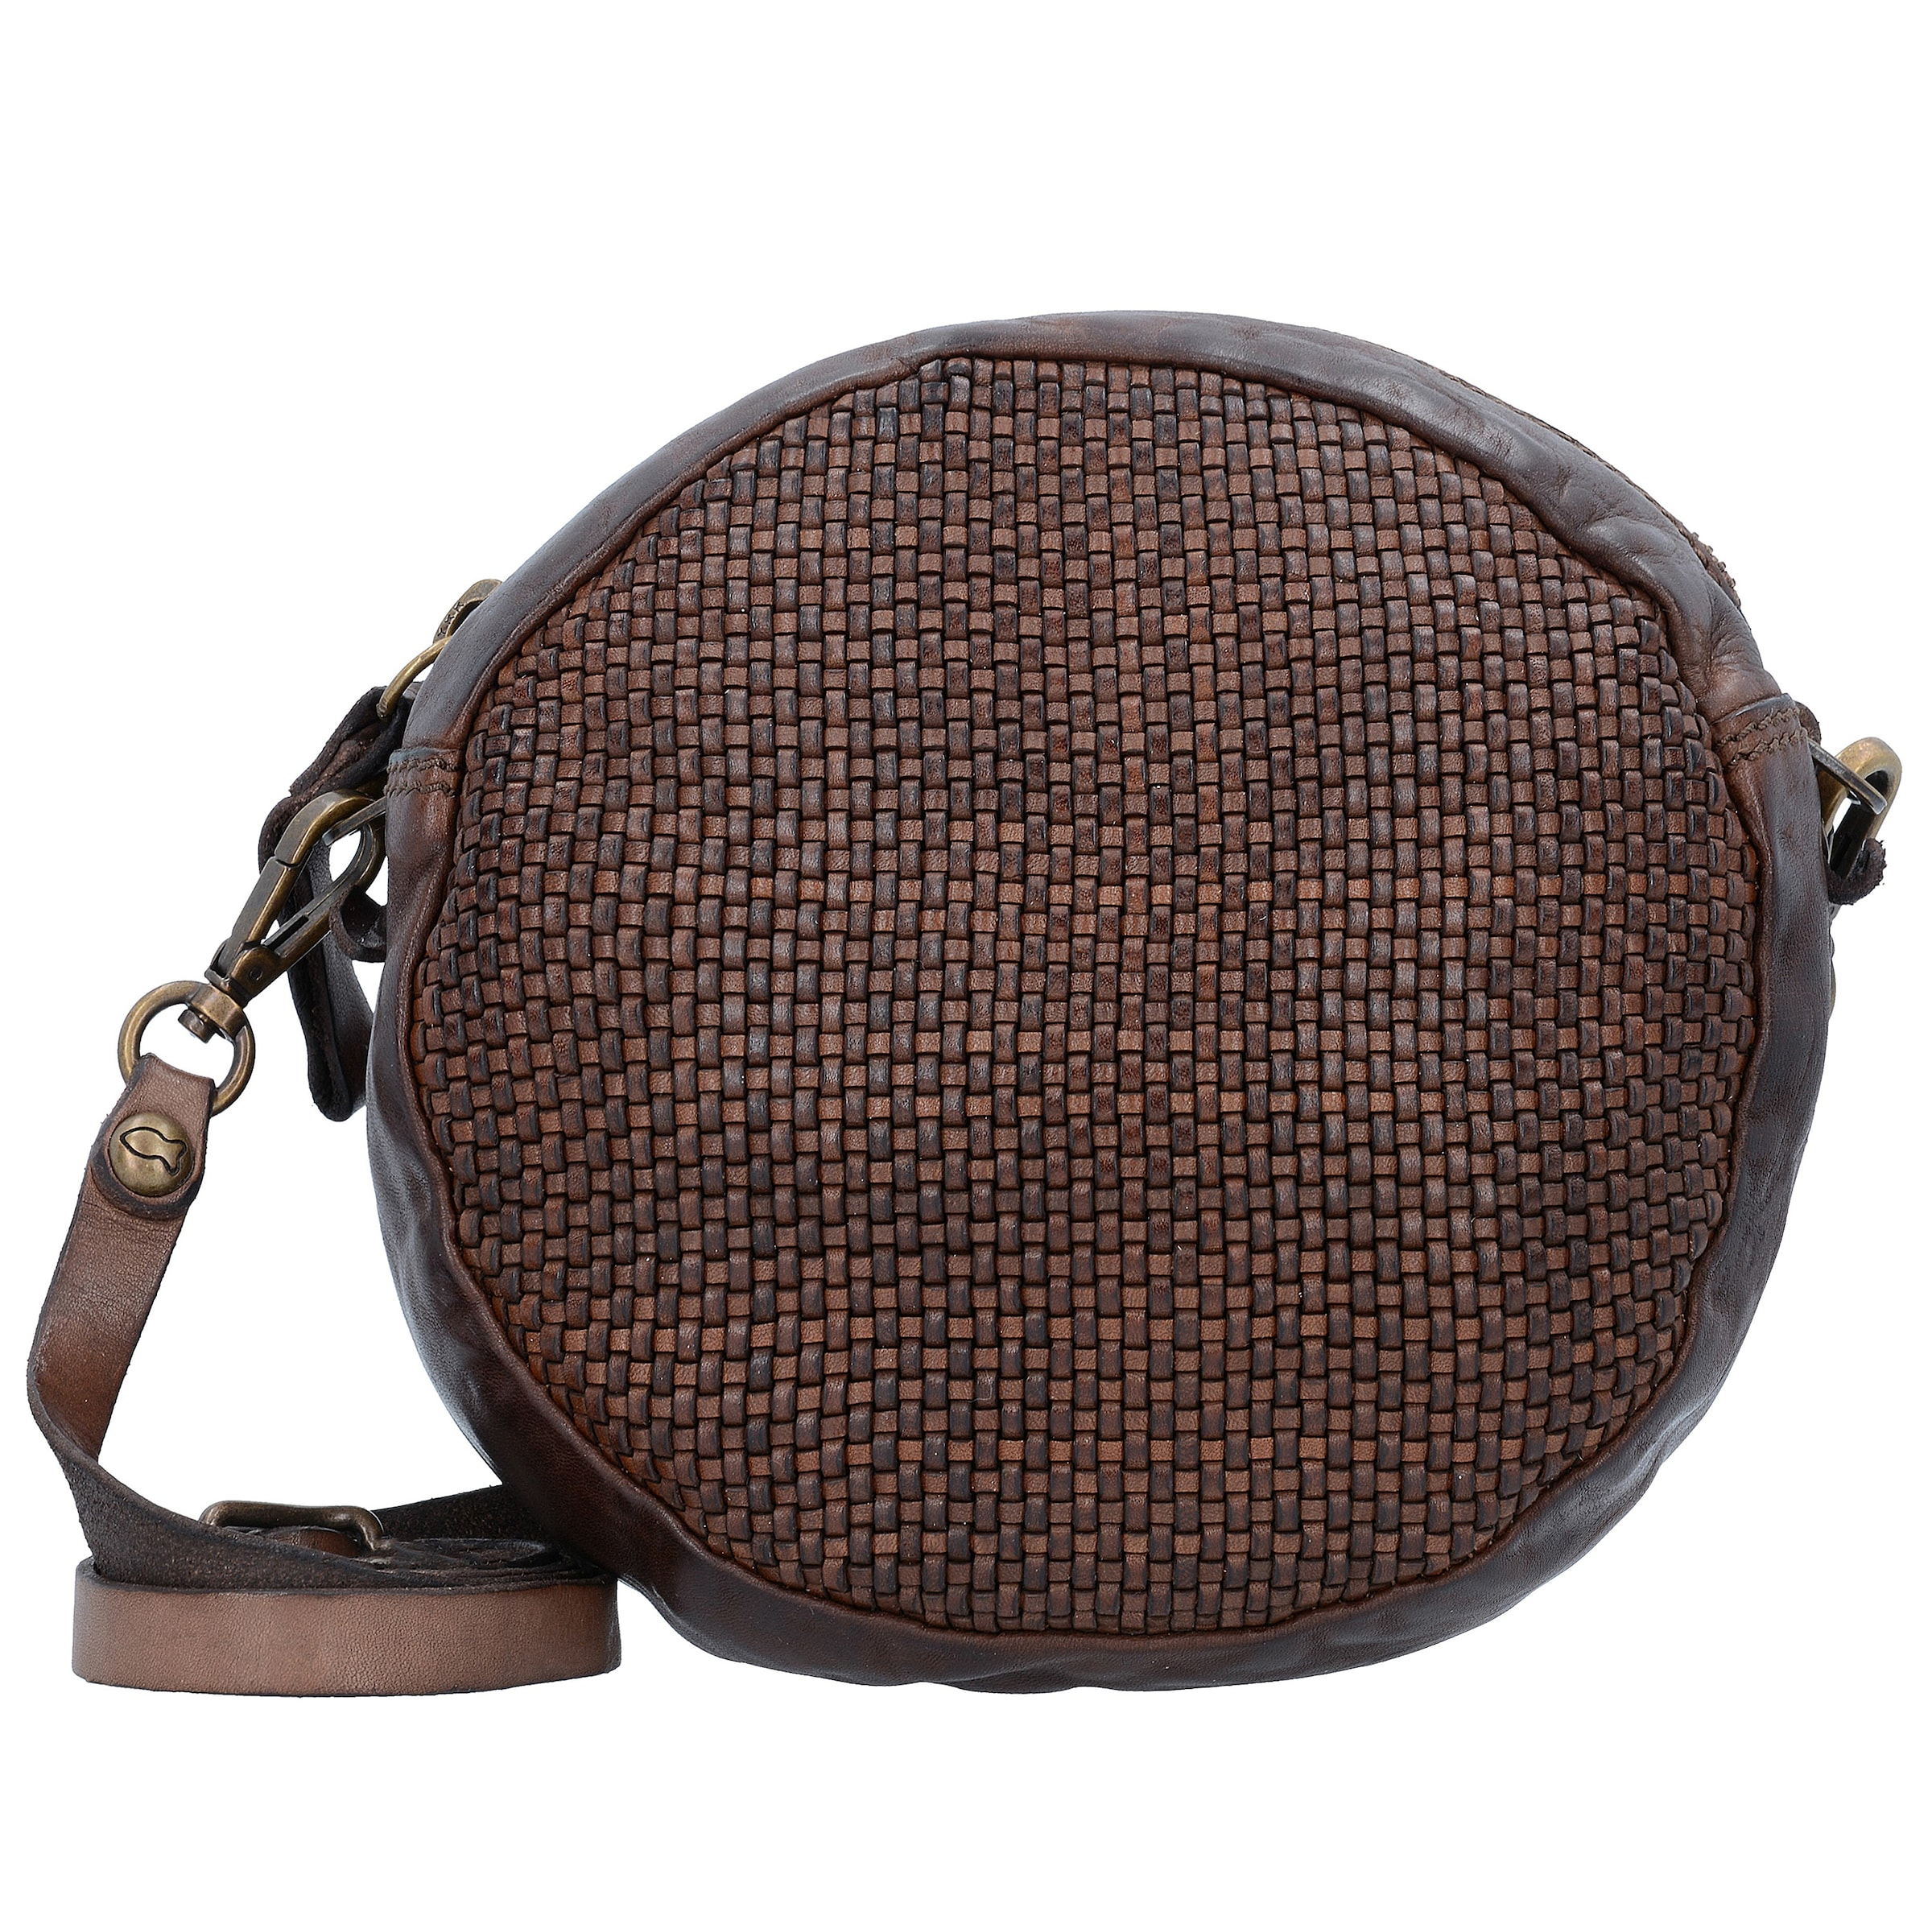 Anzuzeigen Günstigen Preis Campomaggi Prestige Edera Mini Bag Umhängetasche Leder 18 cm Durchsuchen Verkauf Online Verkauf 2018 Günstig Kaufen Mit Paypal sr5t9ZJC